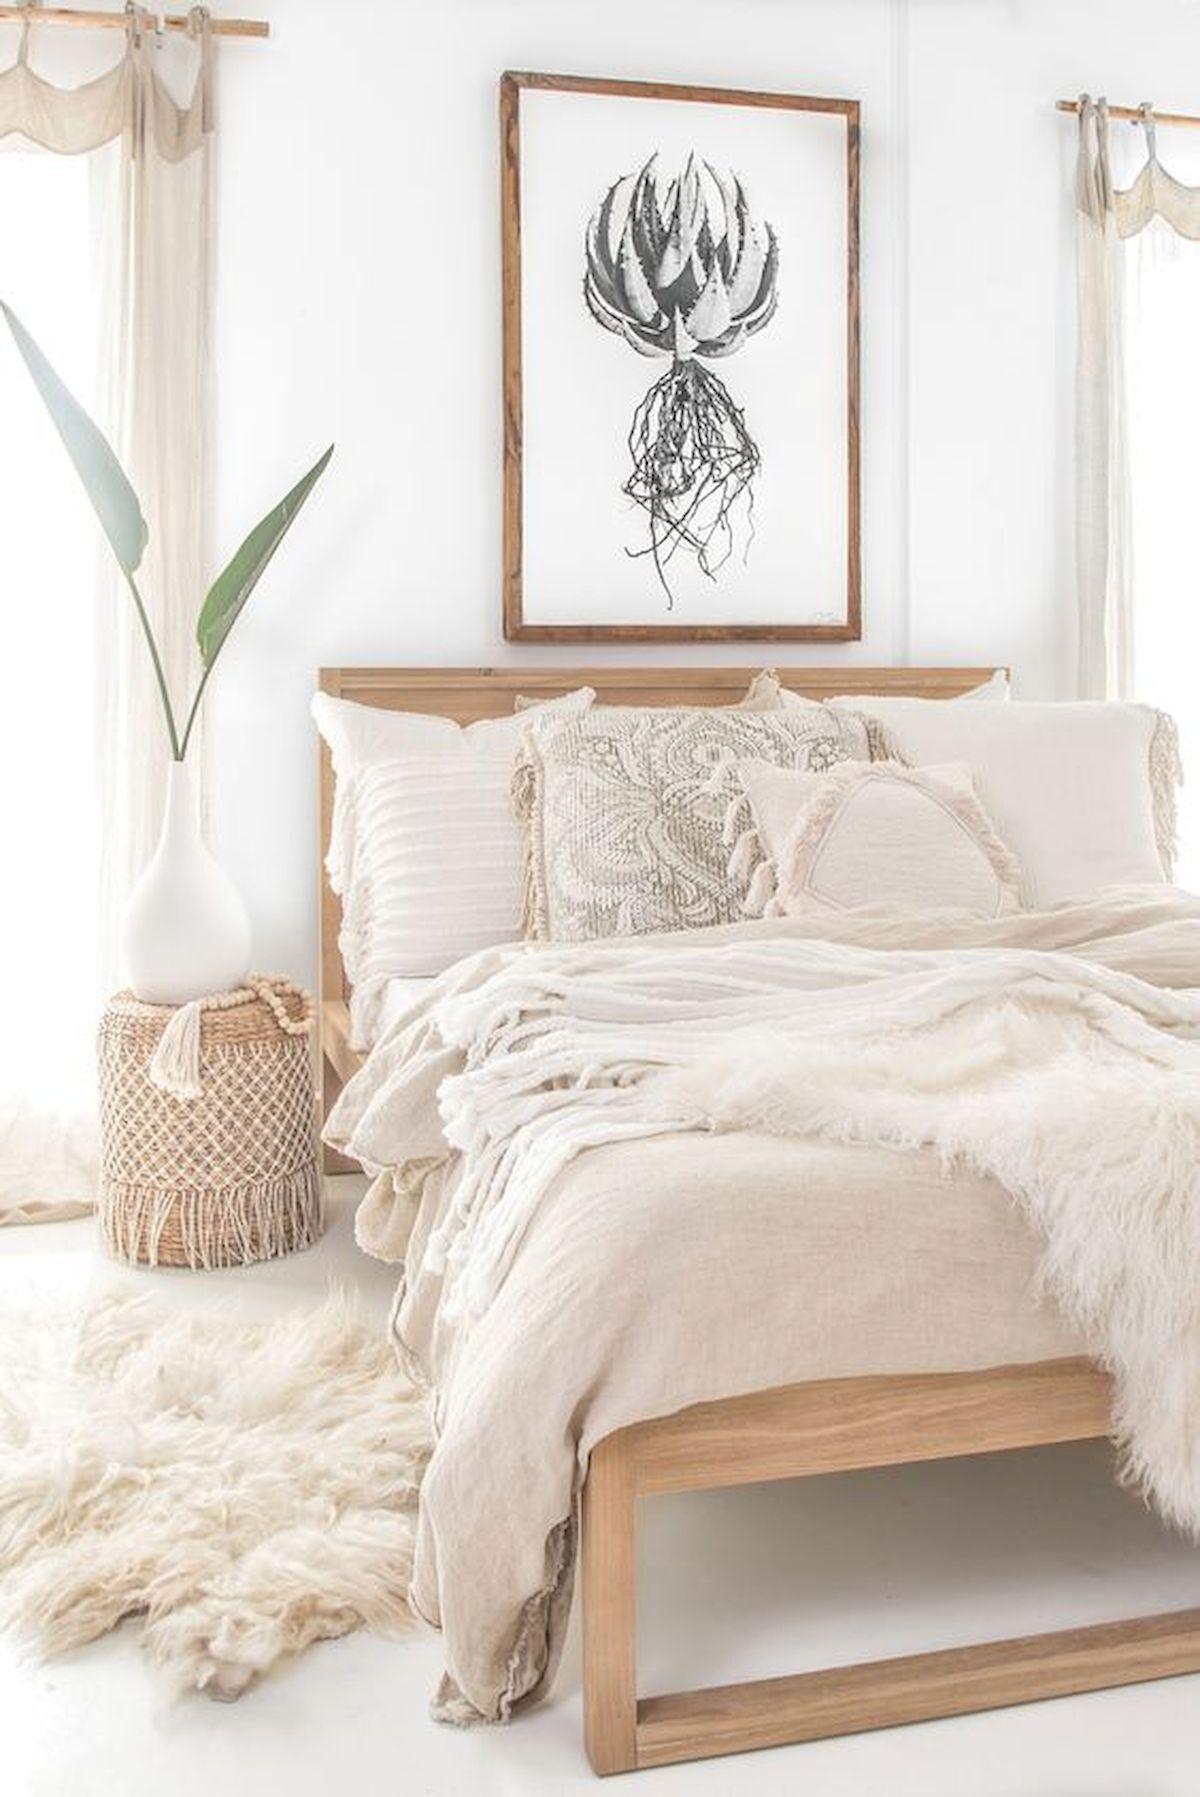 60 entzückende moderne Bauernhaus Schlafzimmer Design-Ideen und Dekor #modernfarmhousebedr .....